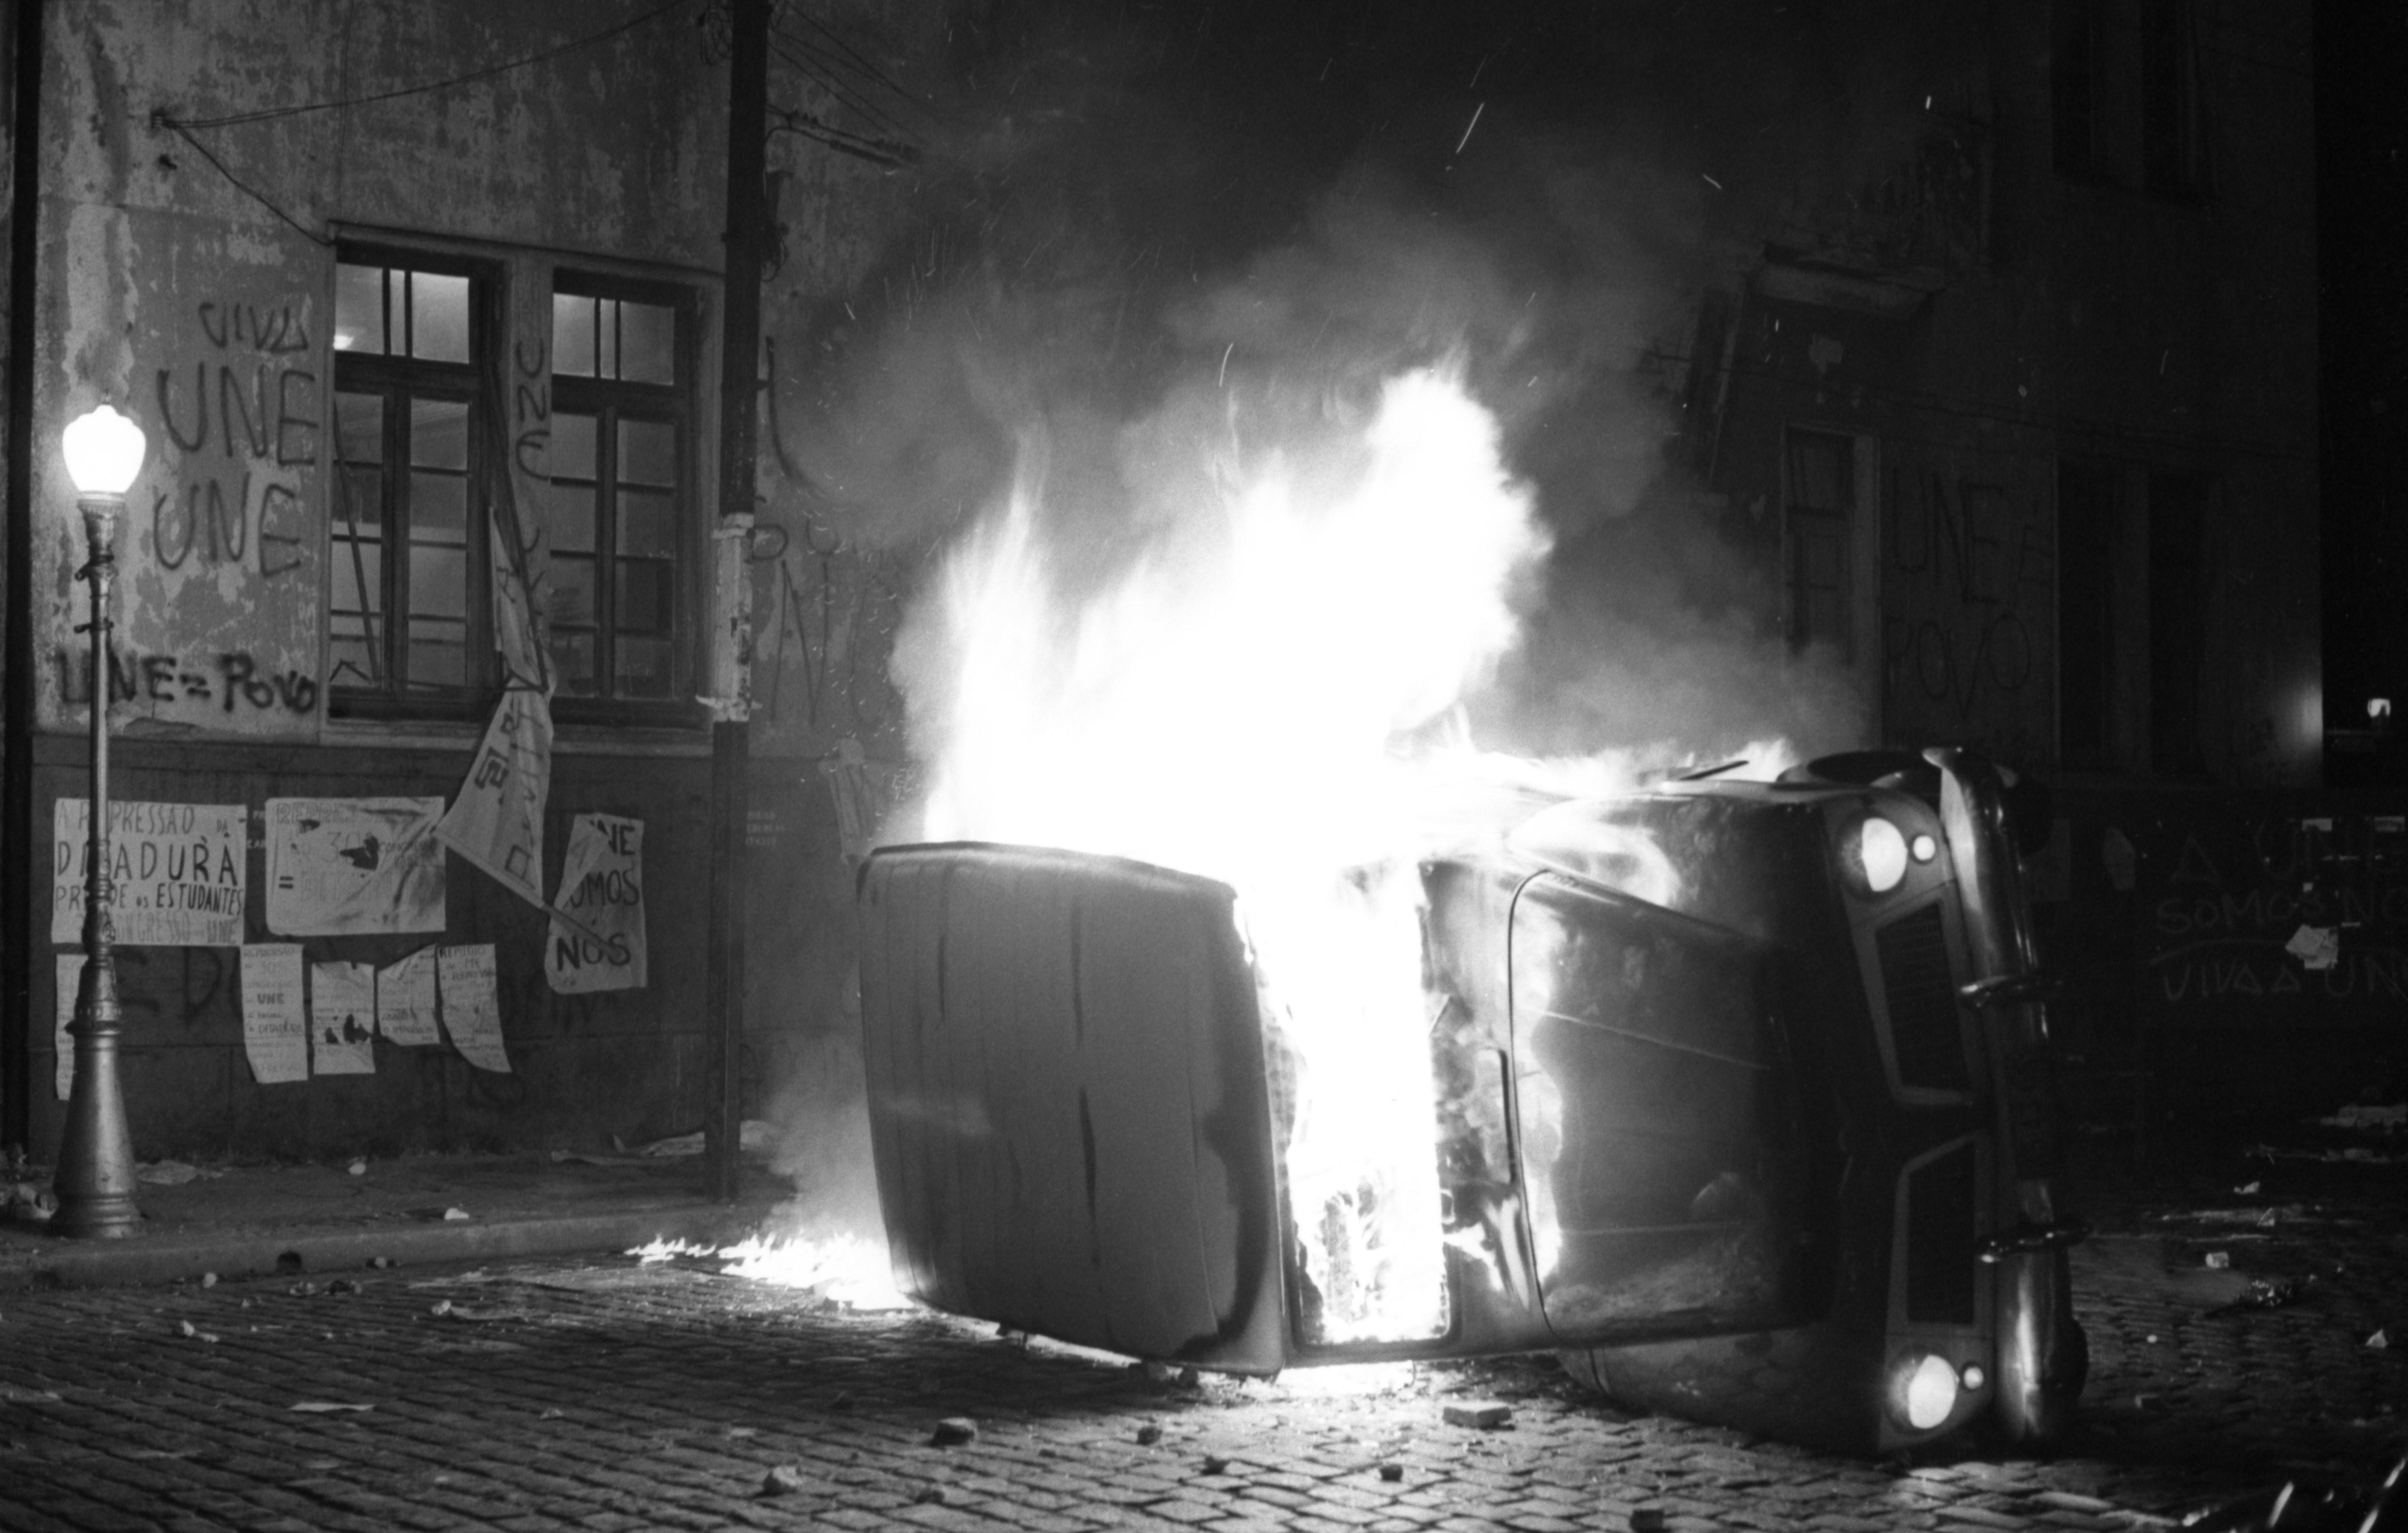 Carro em chamas durante ocupação de estudantes na antiga sede da UNE, no Flamengo